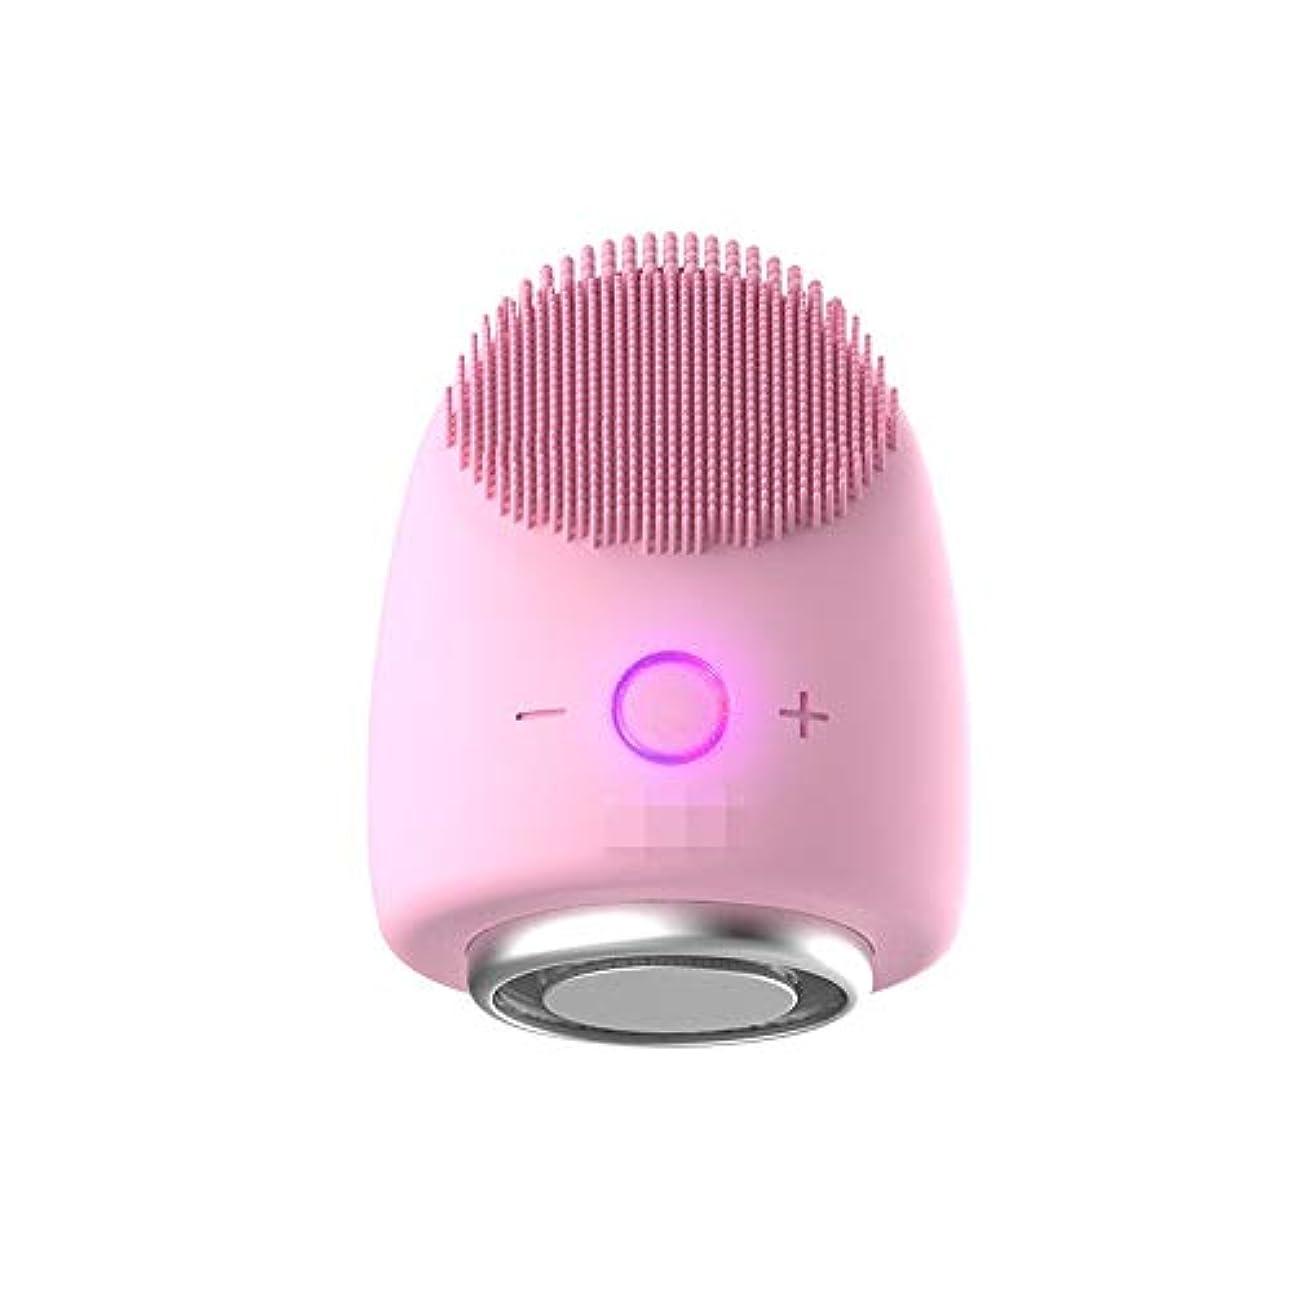 ロケットクラフト熱Chaopeng 多機能美容器具洗浄器具導入器具凝縮ホットドレッシング肌活性化器具 (Color : ピンク)